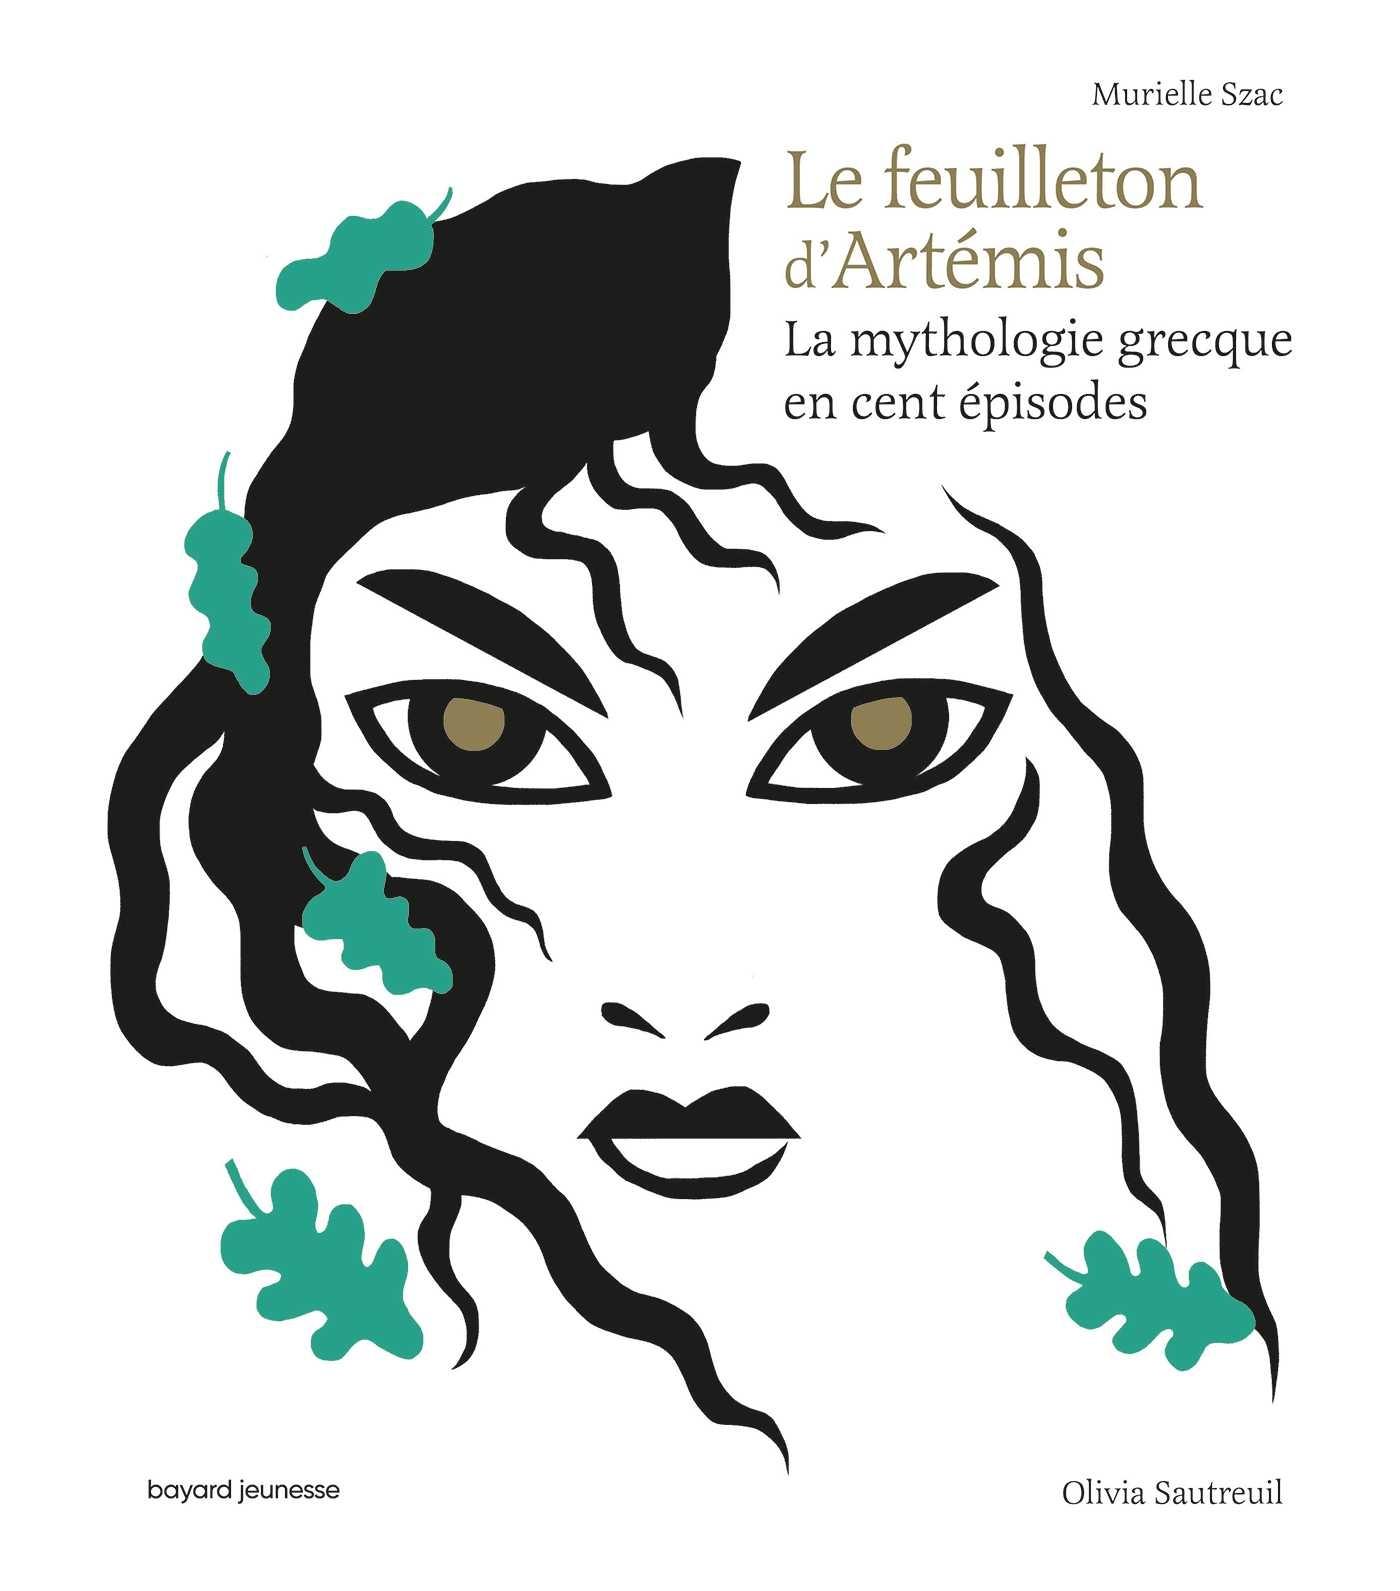 Le feuilleton d'Artémis, Murielle Szac et Olivia Sautreuil, Bayard jeunesse